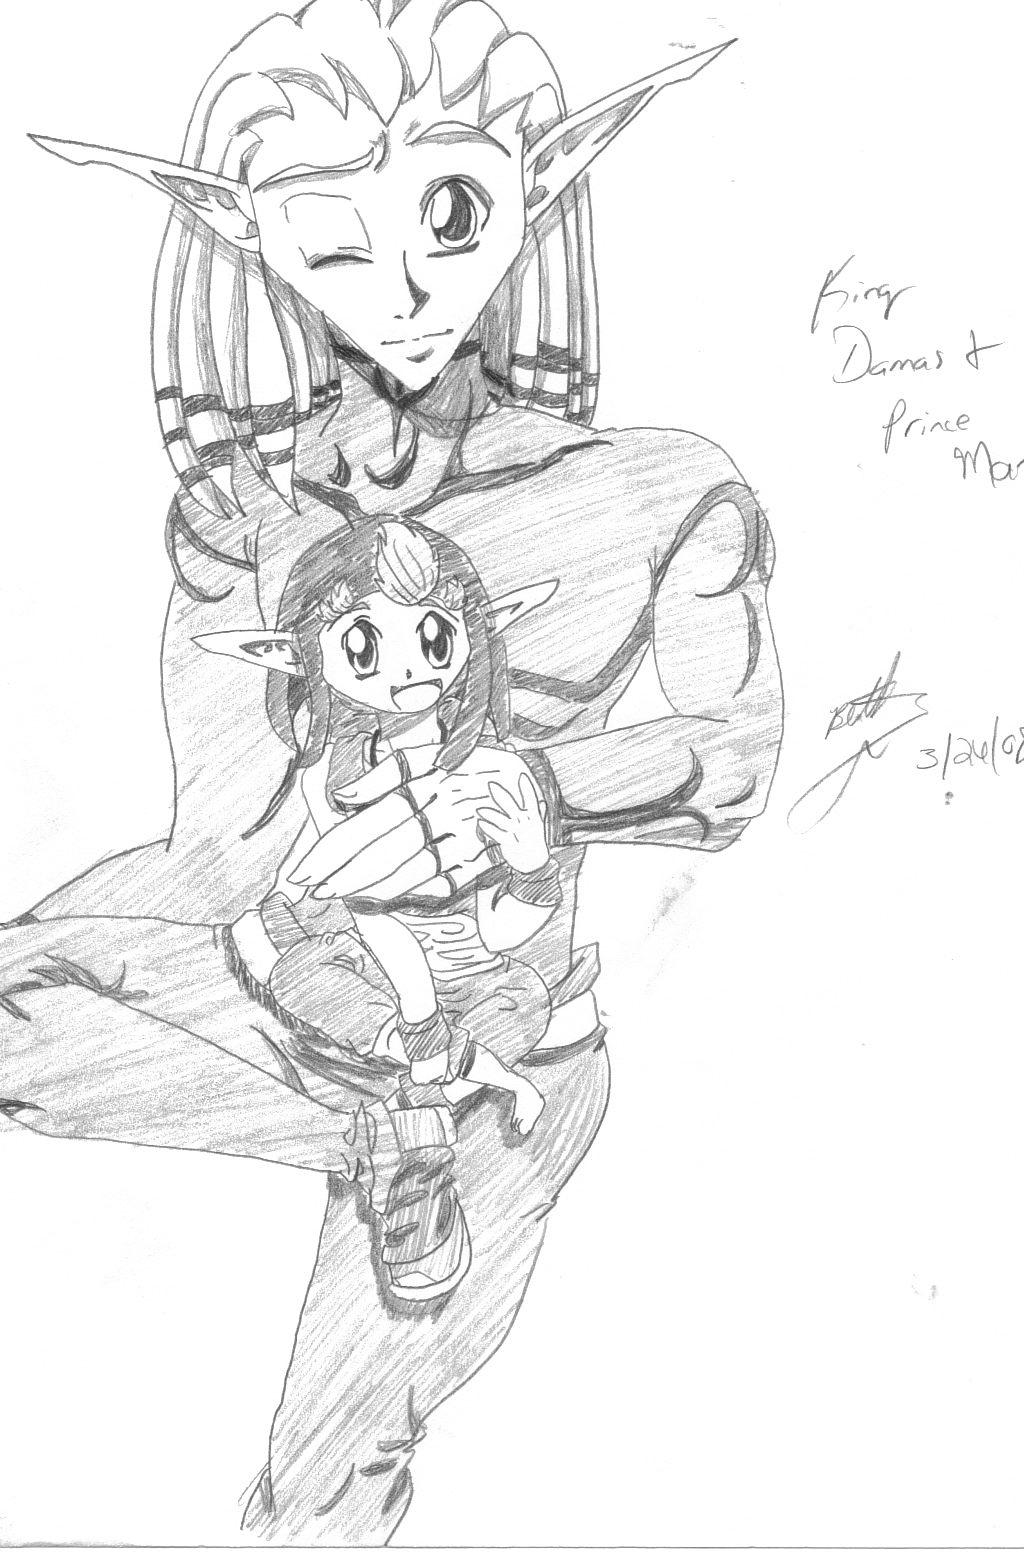 King Damas and Prince Mar by ThebSayraduka